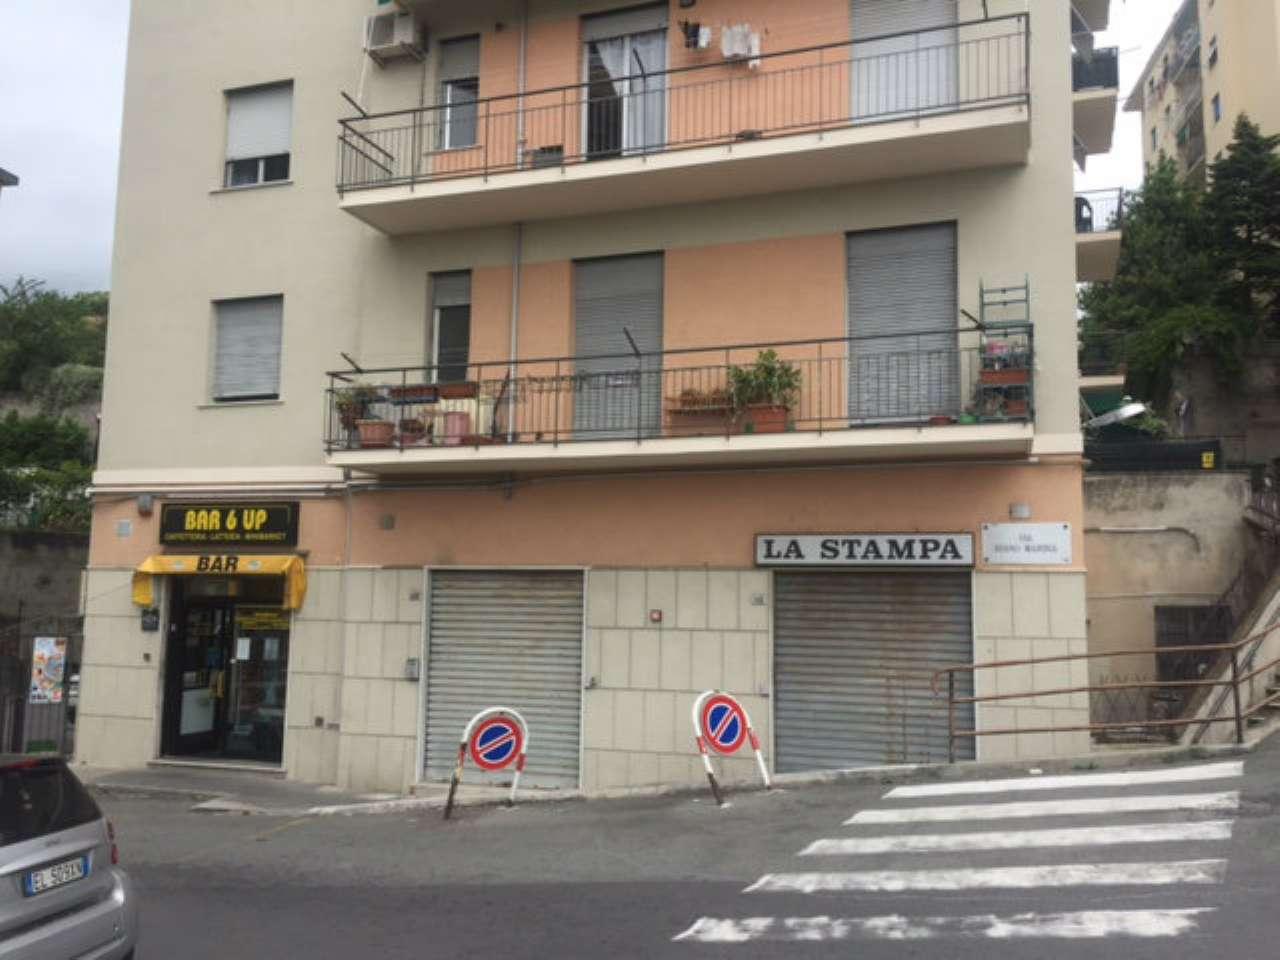 Magazzino in affitto a Genova, 1 locali, zona Zona: 15 . Prà, prezzo € 400   CambioCasa.it